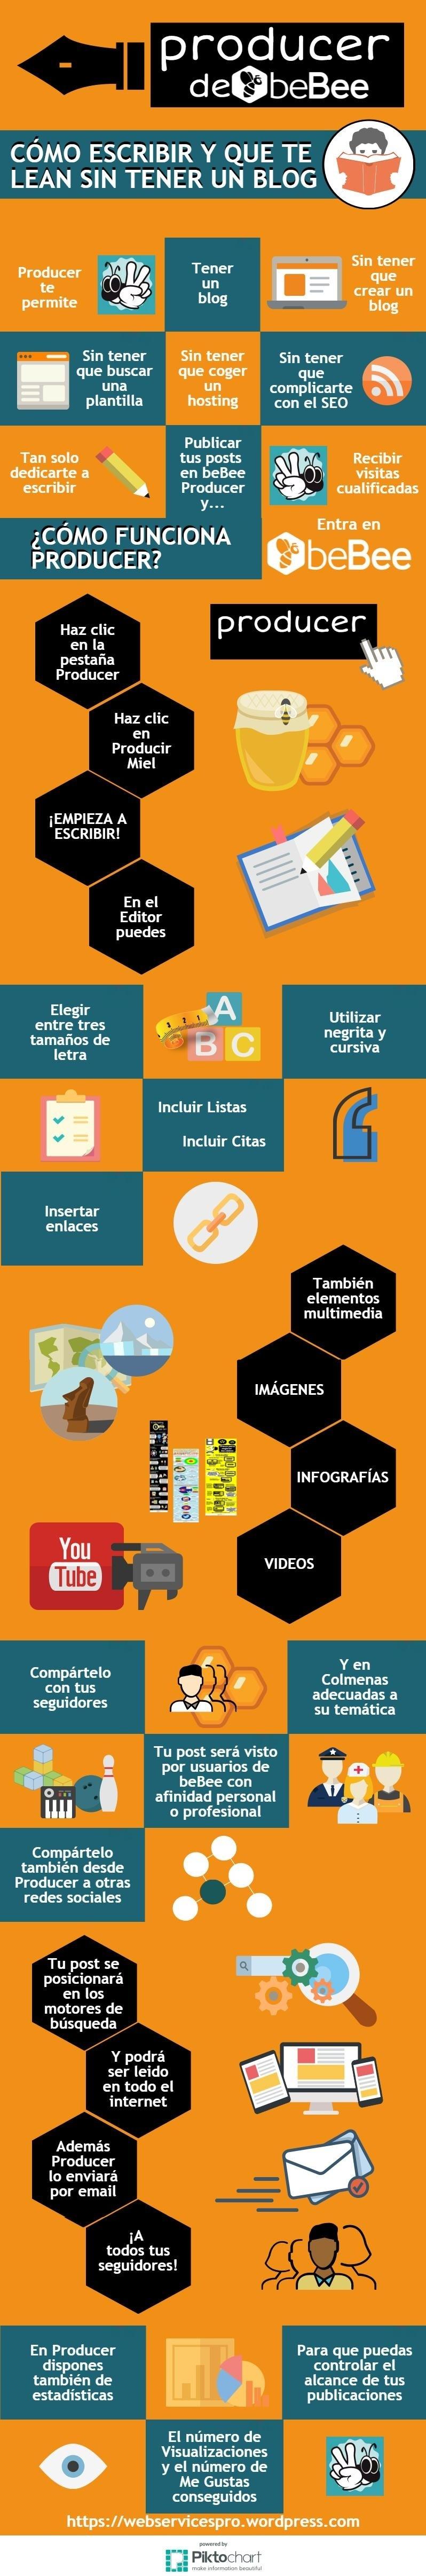 beBee Producer: Cómo escribir y que te lean sin tener un Blog #infografia #infographic #socialmedia